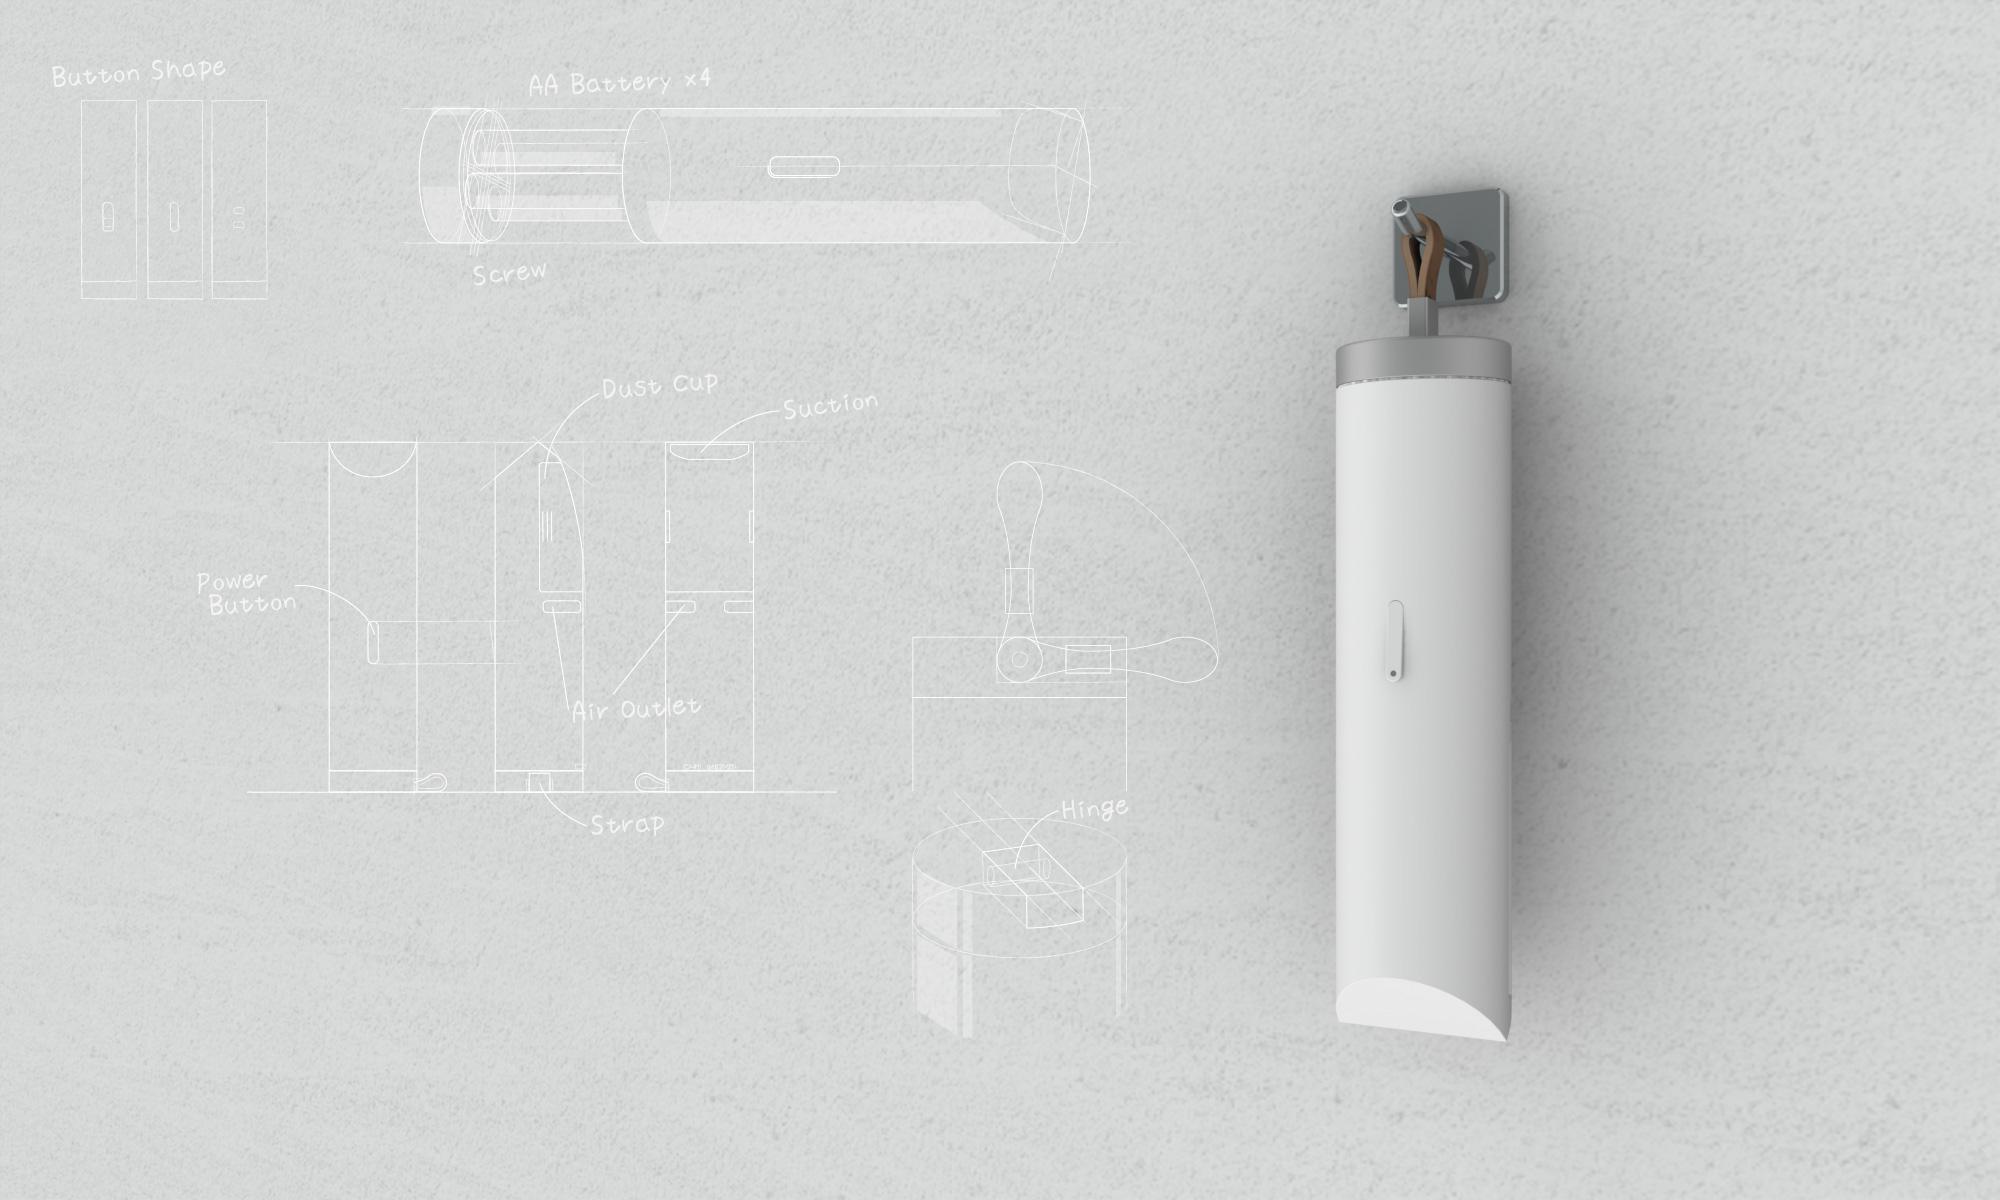 INFIT DESIGN|工業デザイン・プロダクトデザイン事務所(東京都)